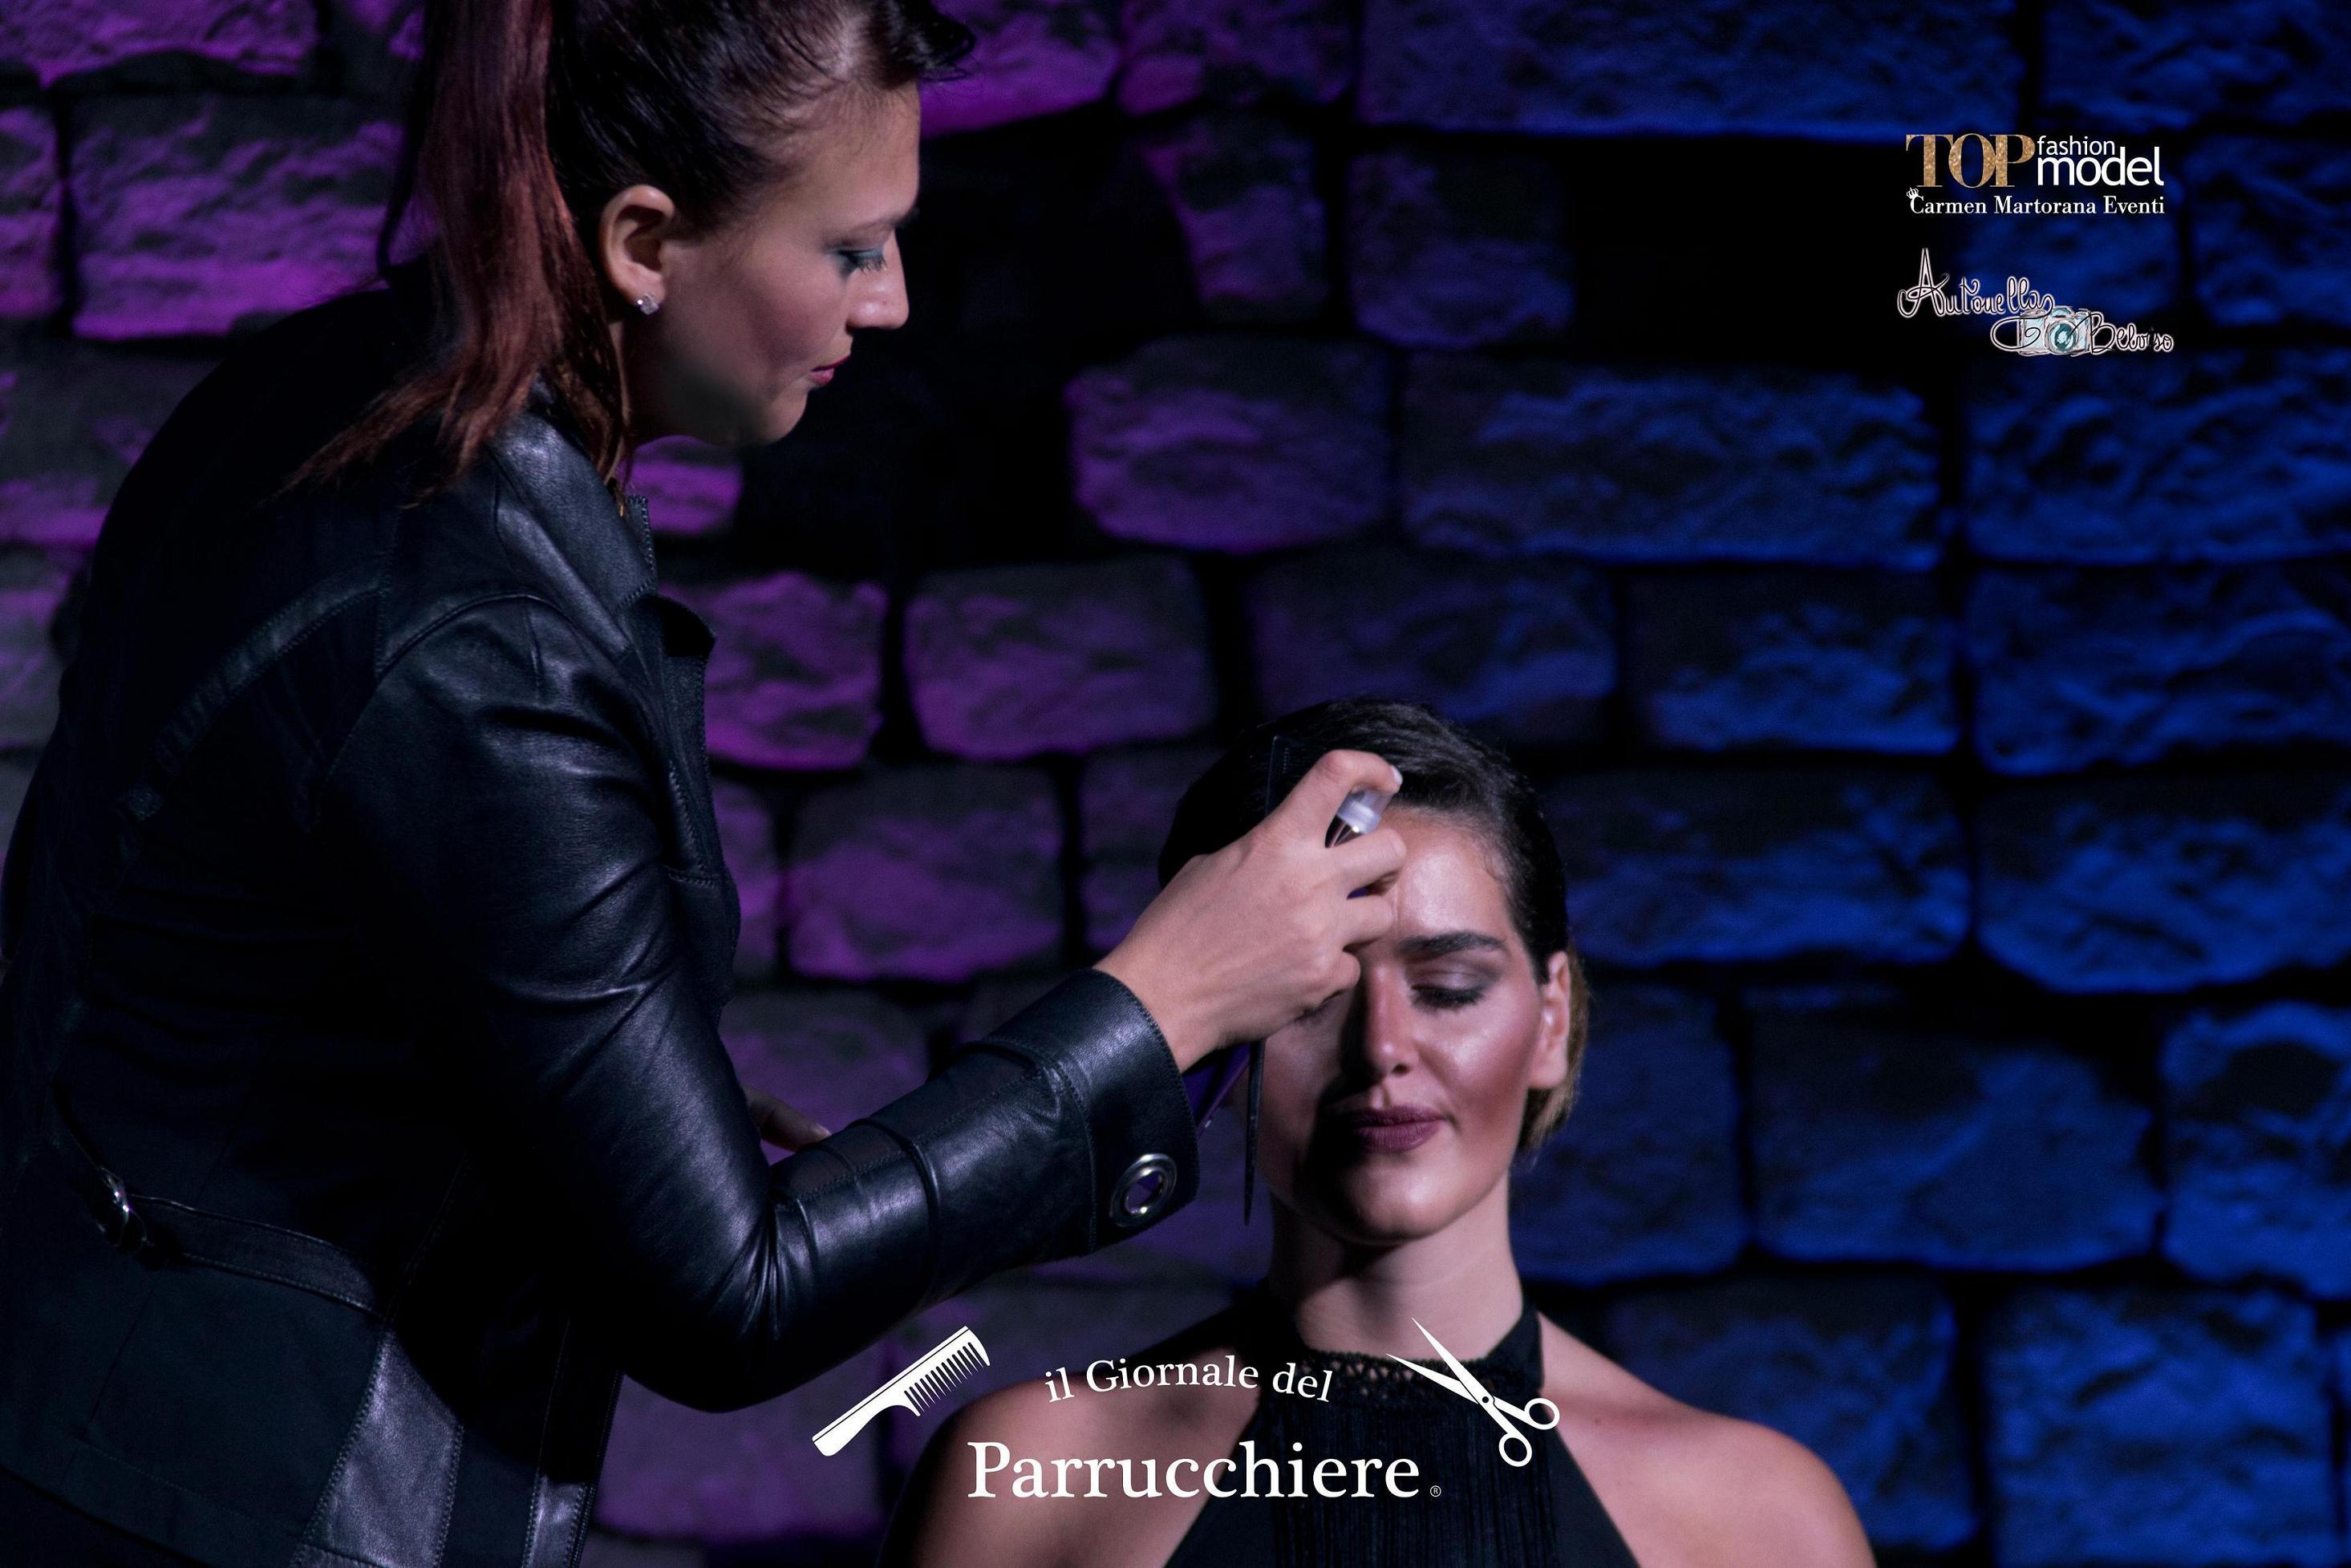 Gioele de Liso, il Giornale del Parrucchiere, Top Fashion Model, Maria Carmen Martorana